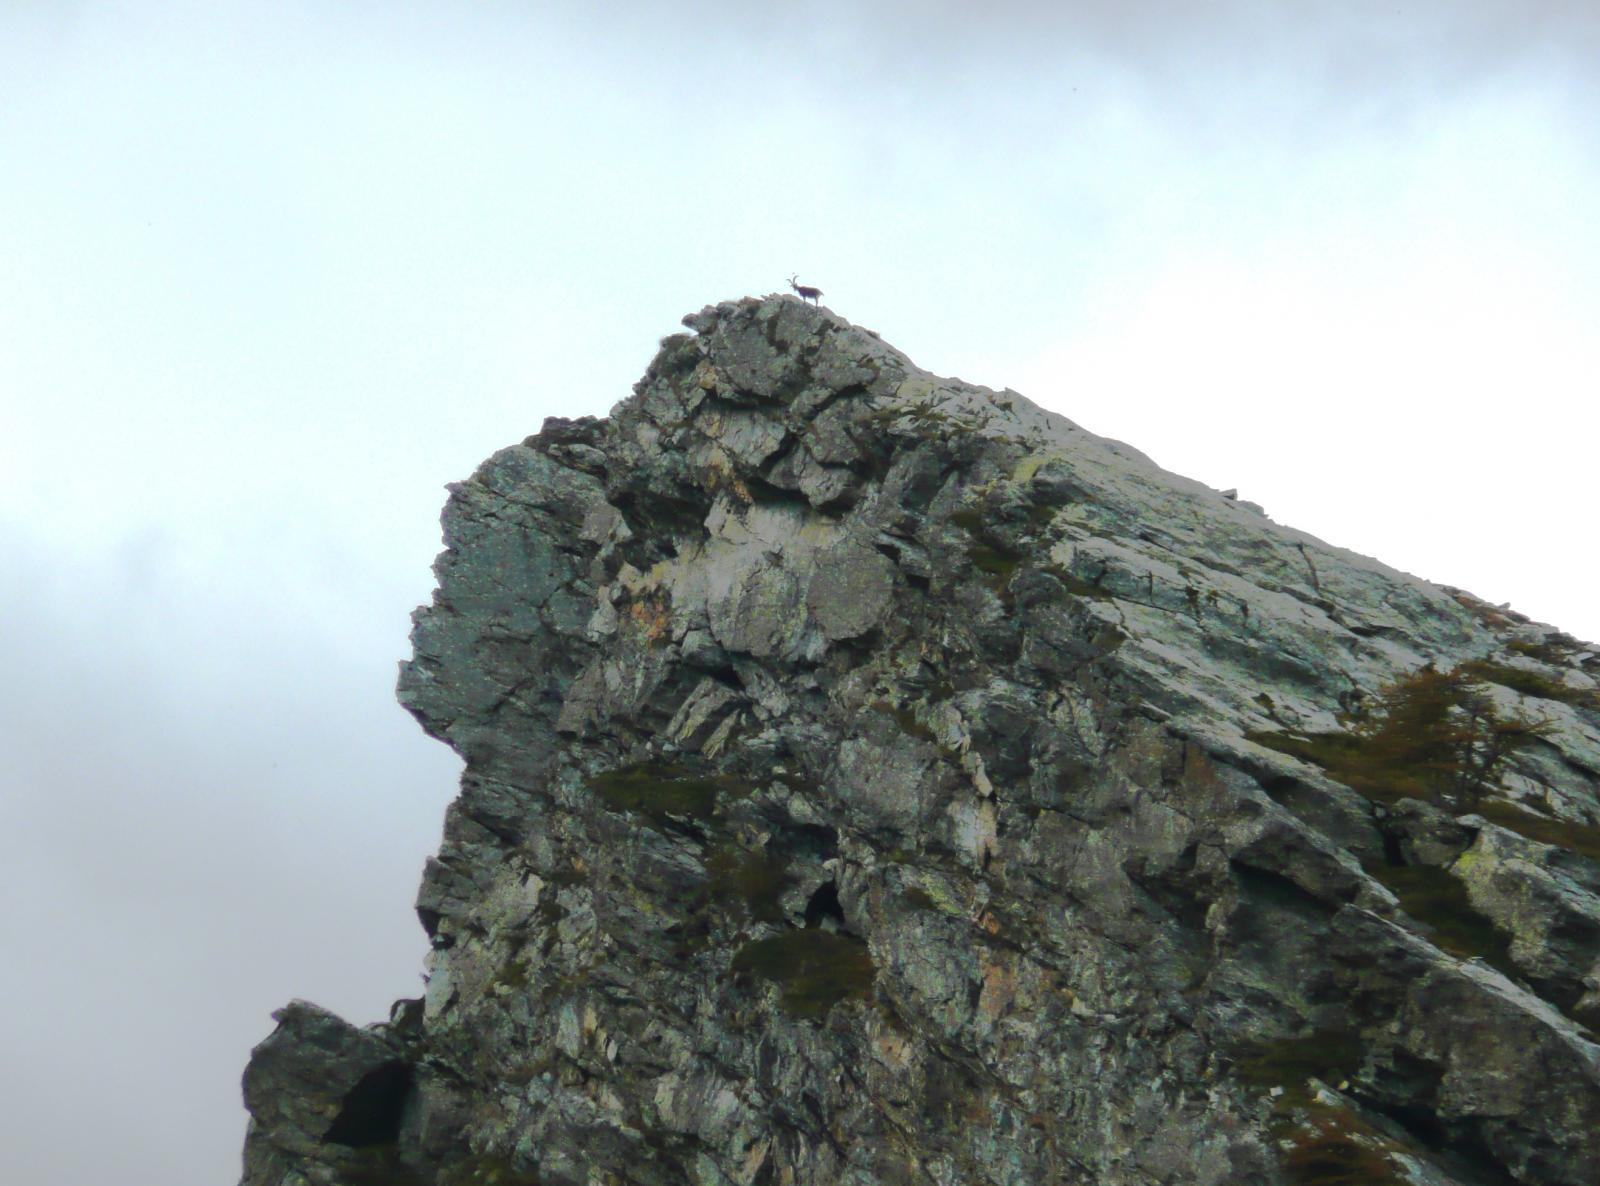 sulla cima il re al posto che gli compete (gli alpinisti saliranno anche le pareti verticali, ma restano degli intrusi)